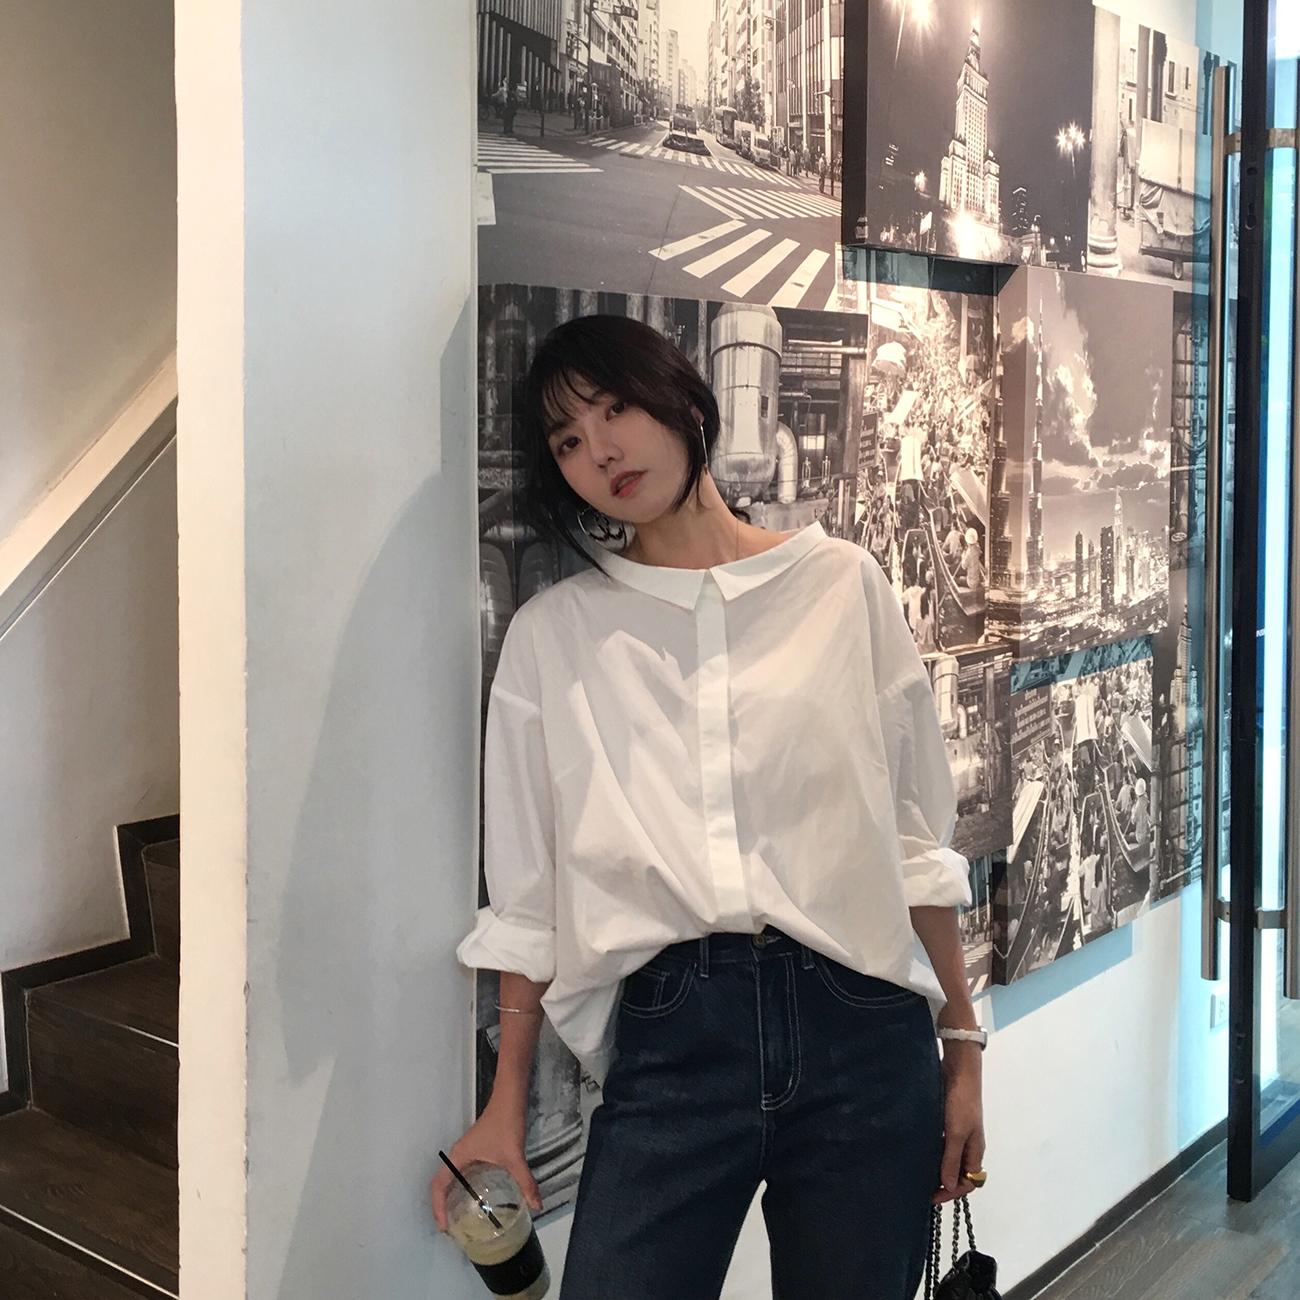 ◆ASM◆2019春季新款一字领设计感长袖衬衫白色宽松休闲上衣女装